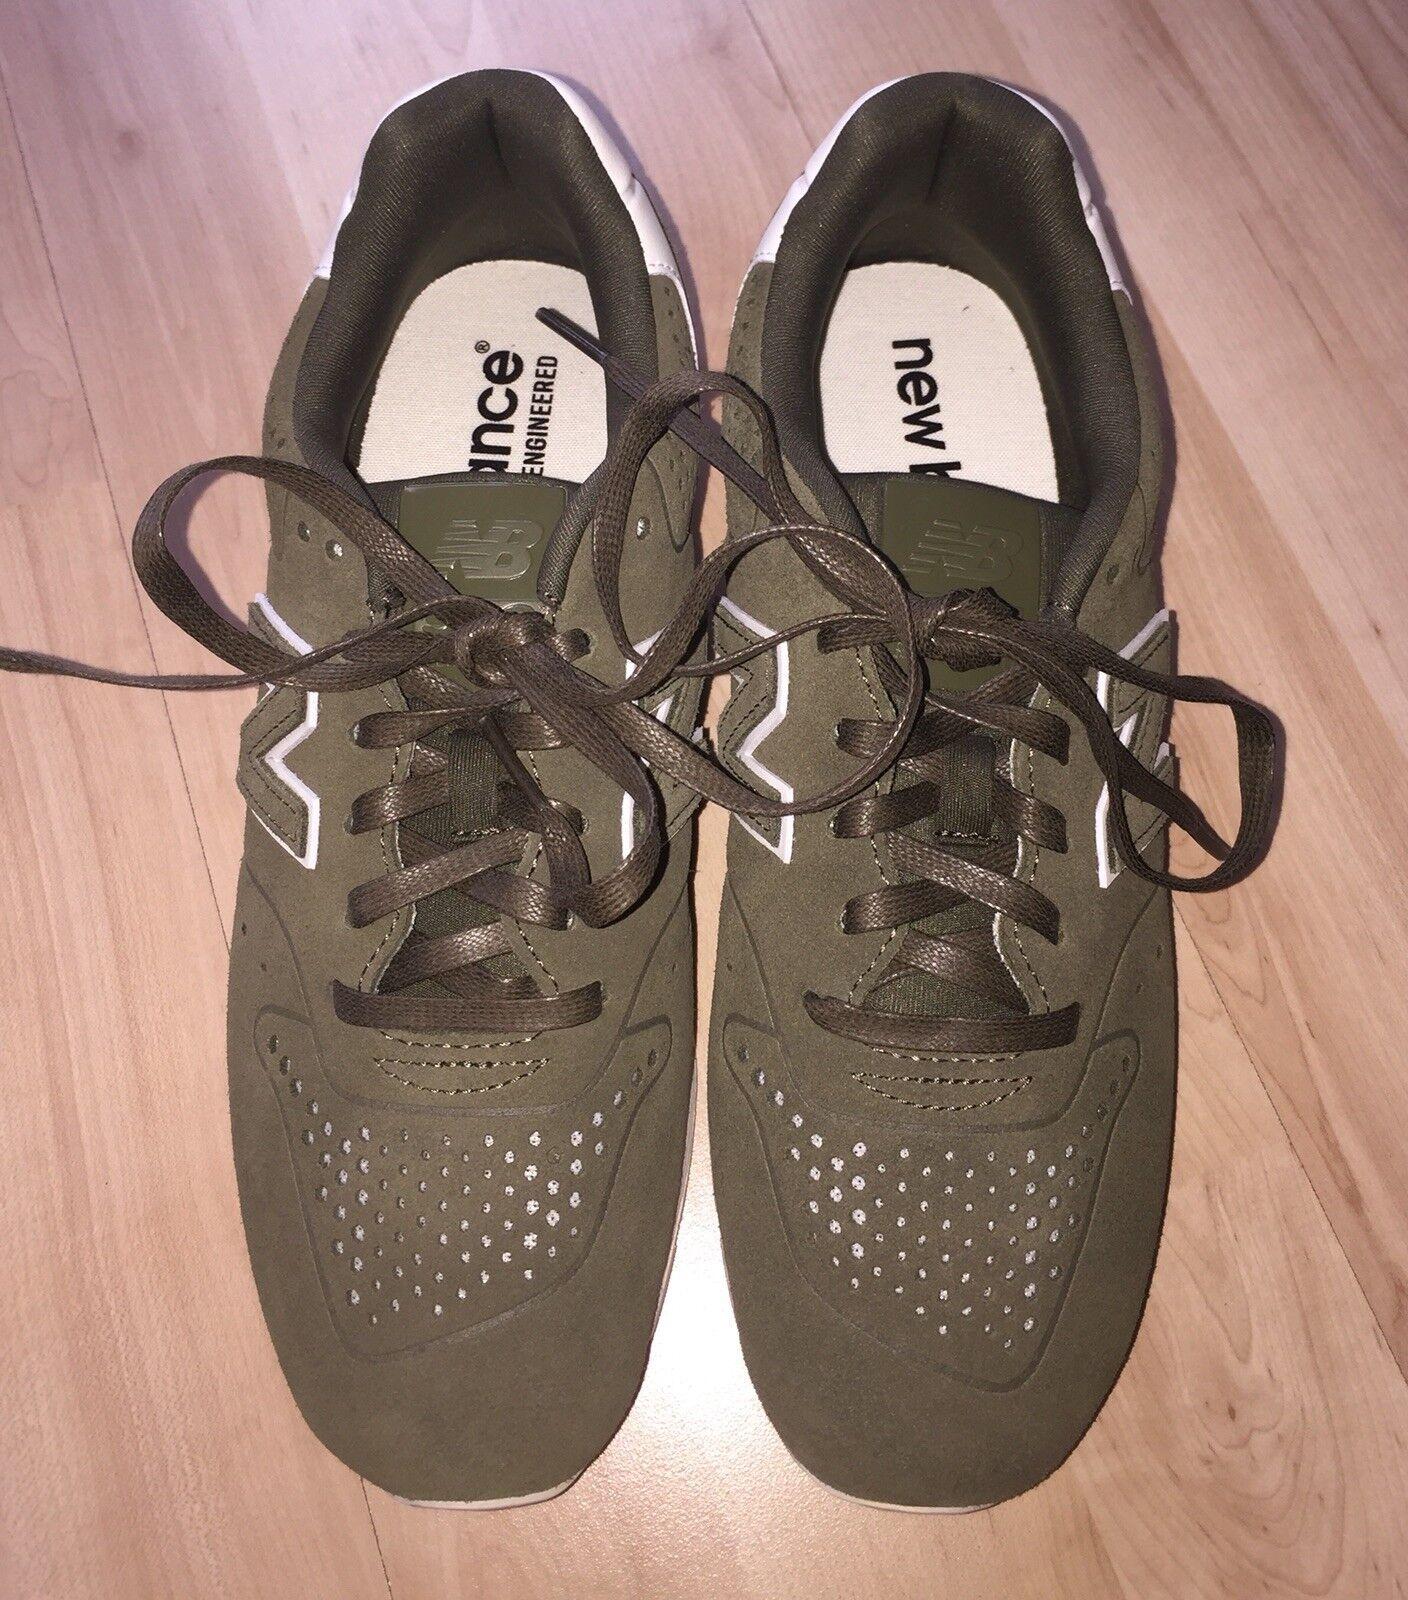 New Balance 996 Damen Turnschuh Sneakers grün Gr. 38,5 TOP Zustand ohne Mängel